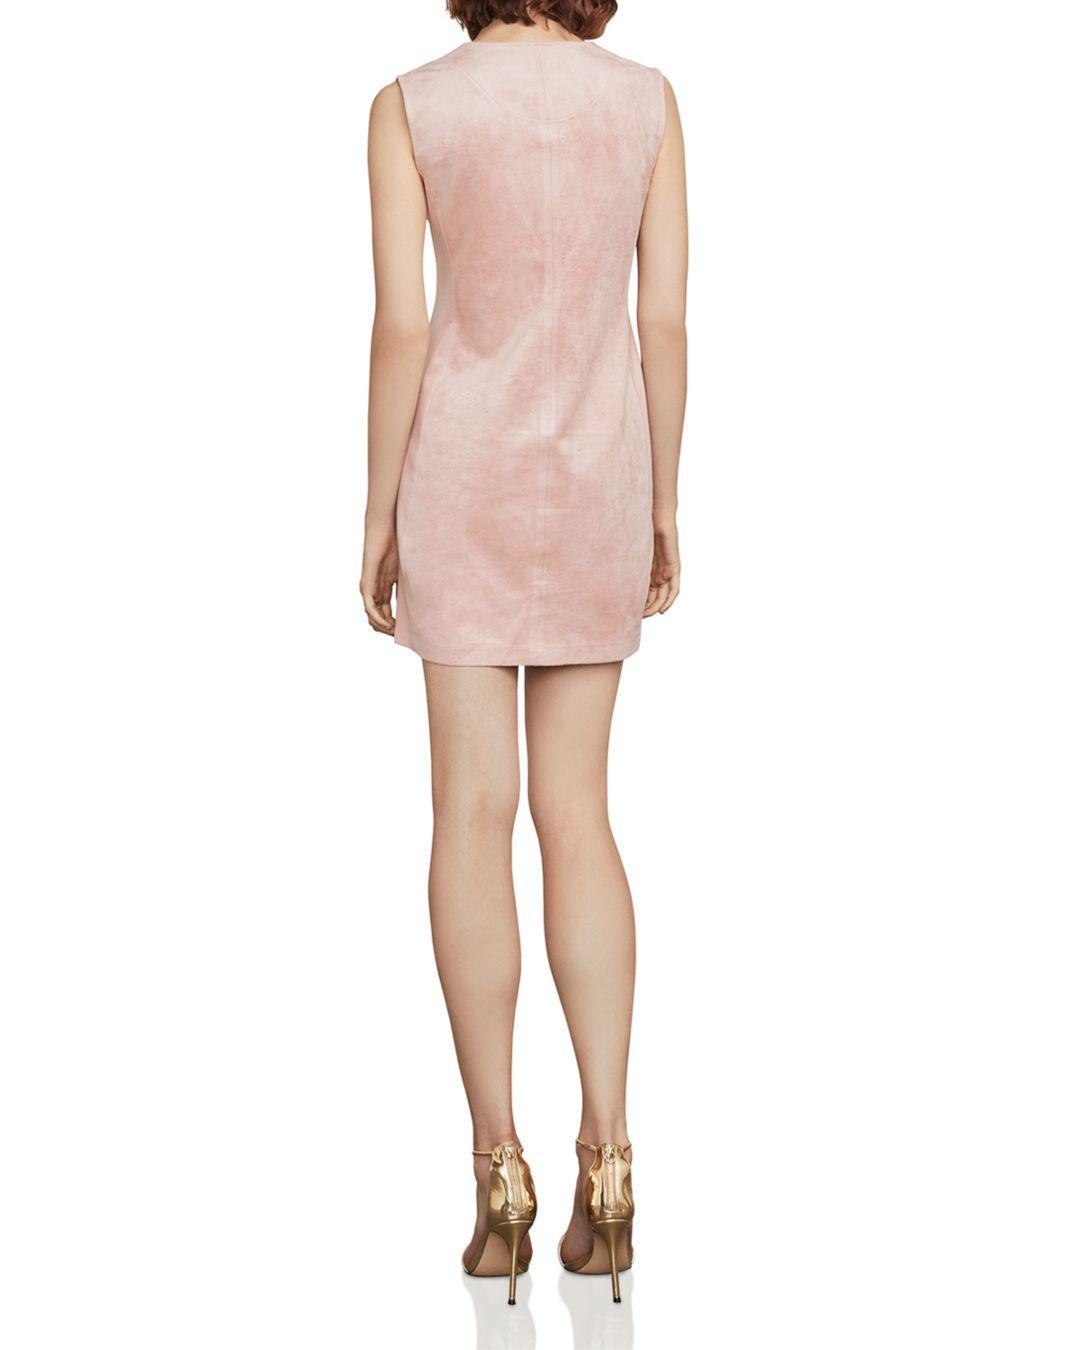 b92e2751ec Lyst - BCBGMAXAZRIA Malina Faux-suede Mini Dress